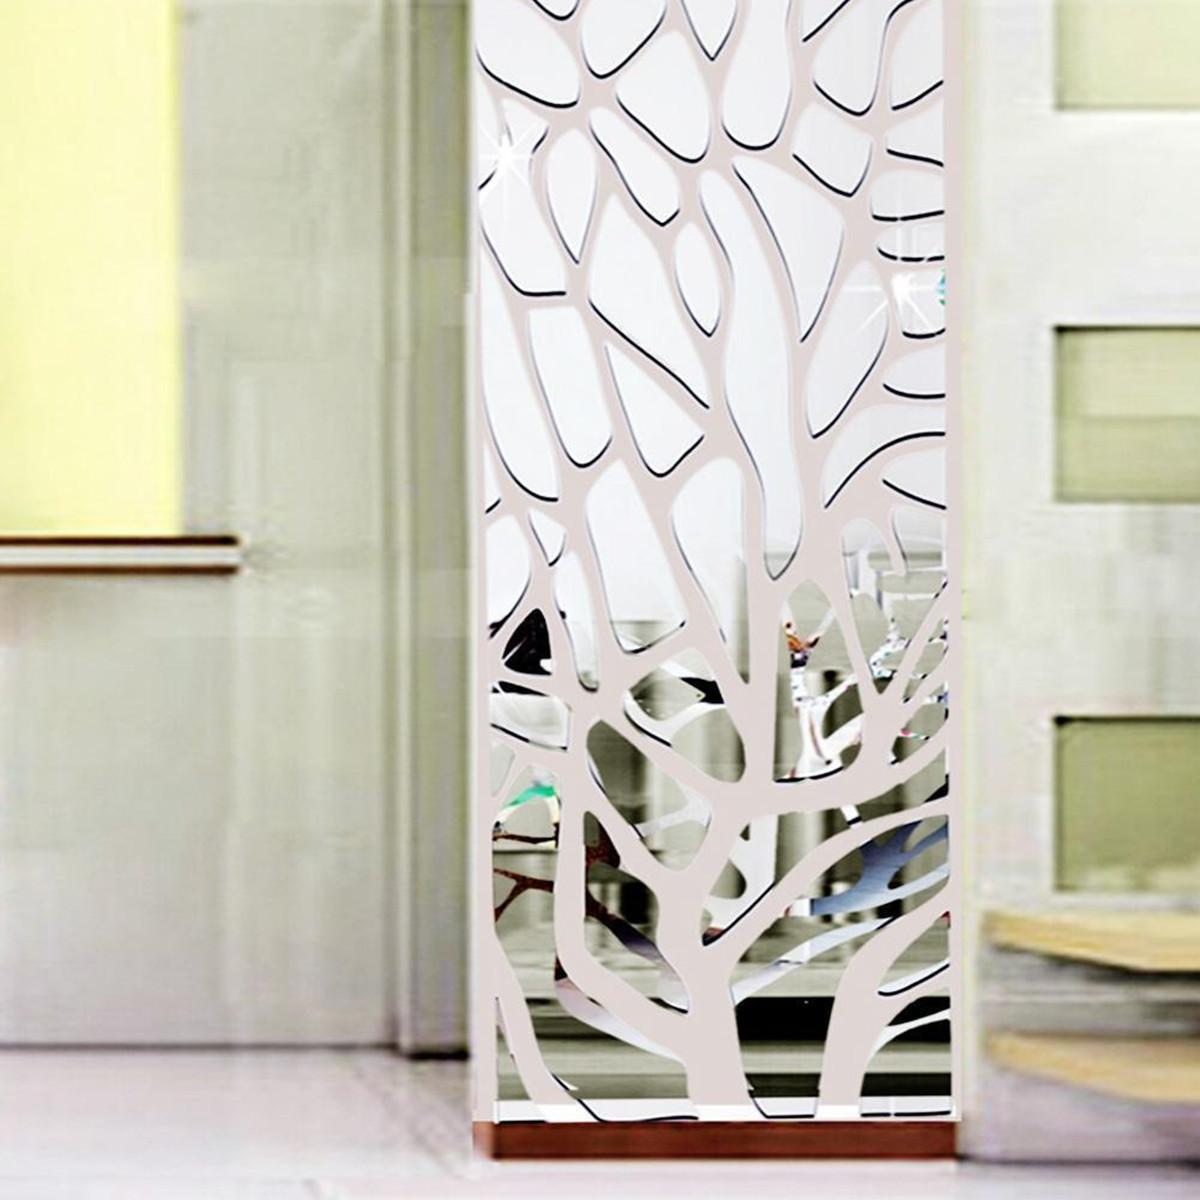 3d Acrylic Modern Mirror Decal Art Mural Wall Sticker Home Decor Diy Uk D2 Ebay